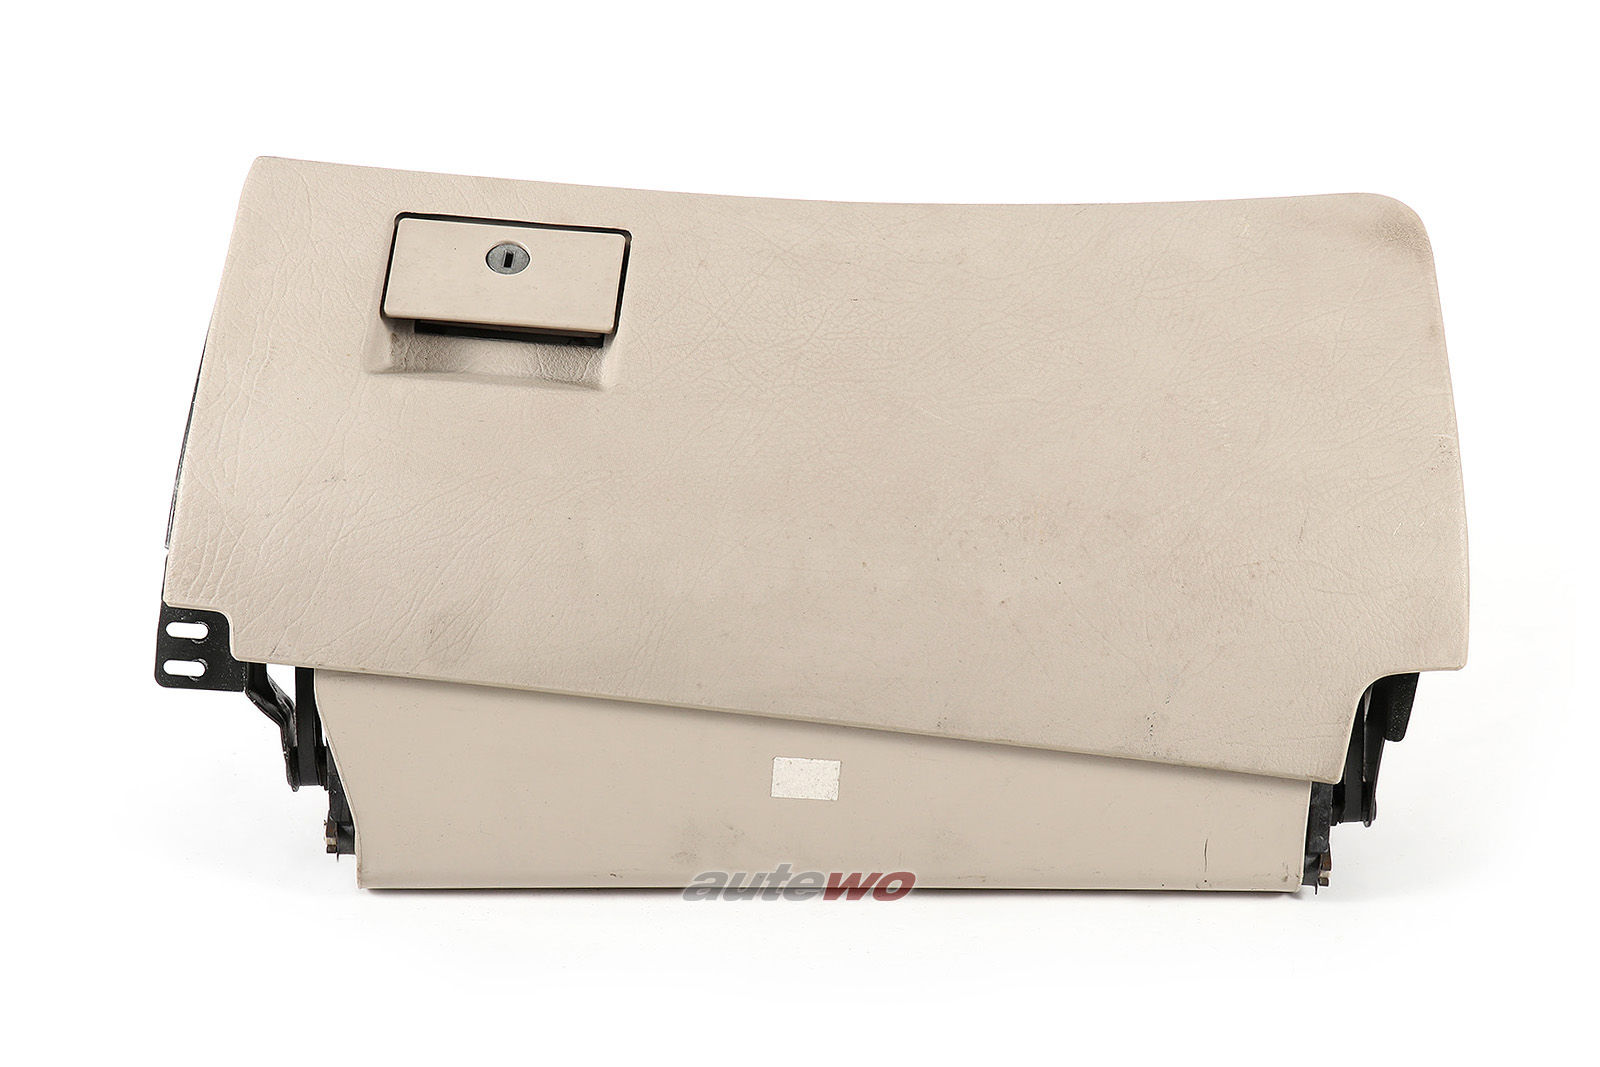 4A1857035D Audi 100/S4/A6/S6+ C4 Handschuhfach R01 ecrue beige